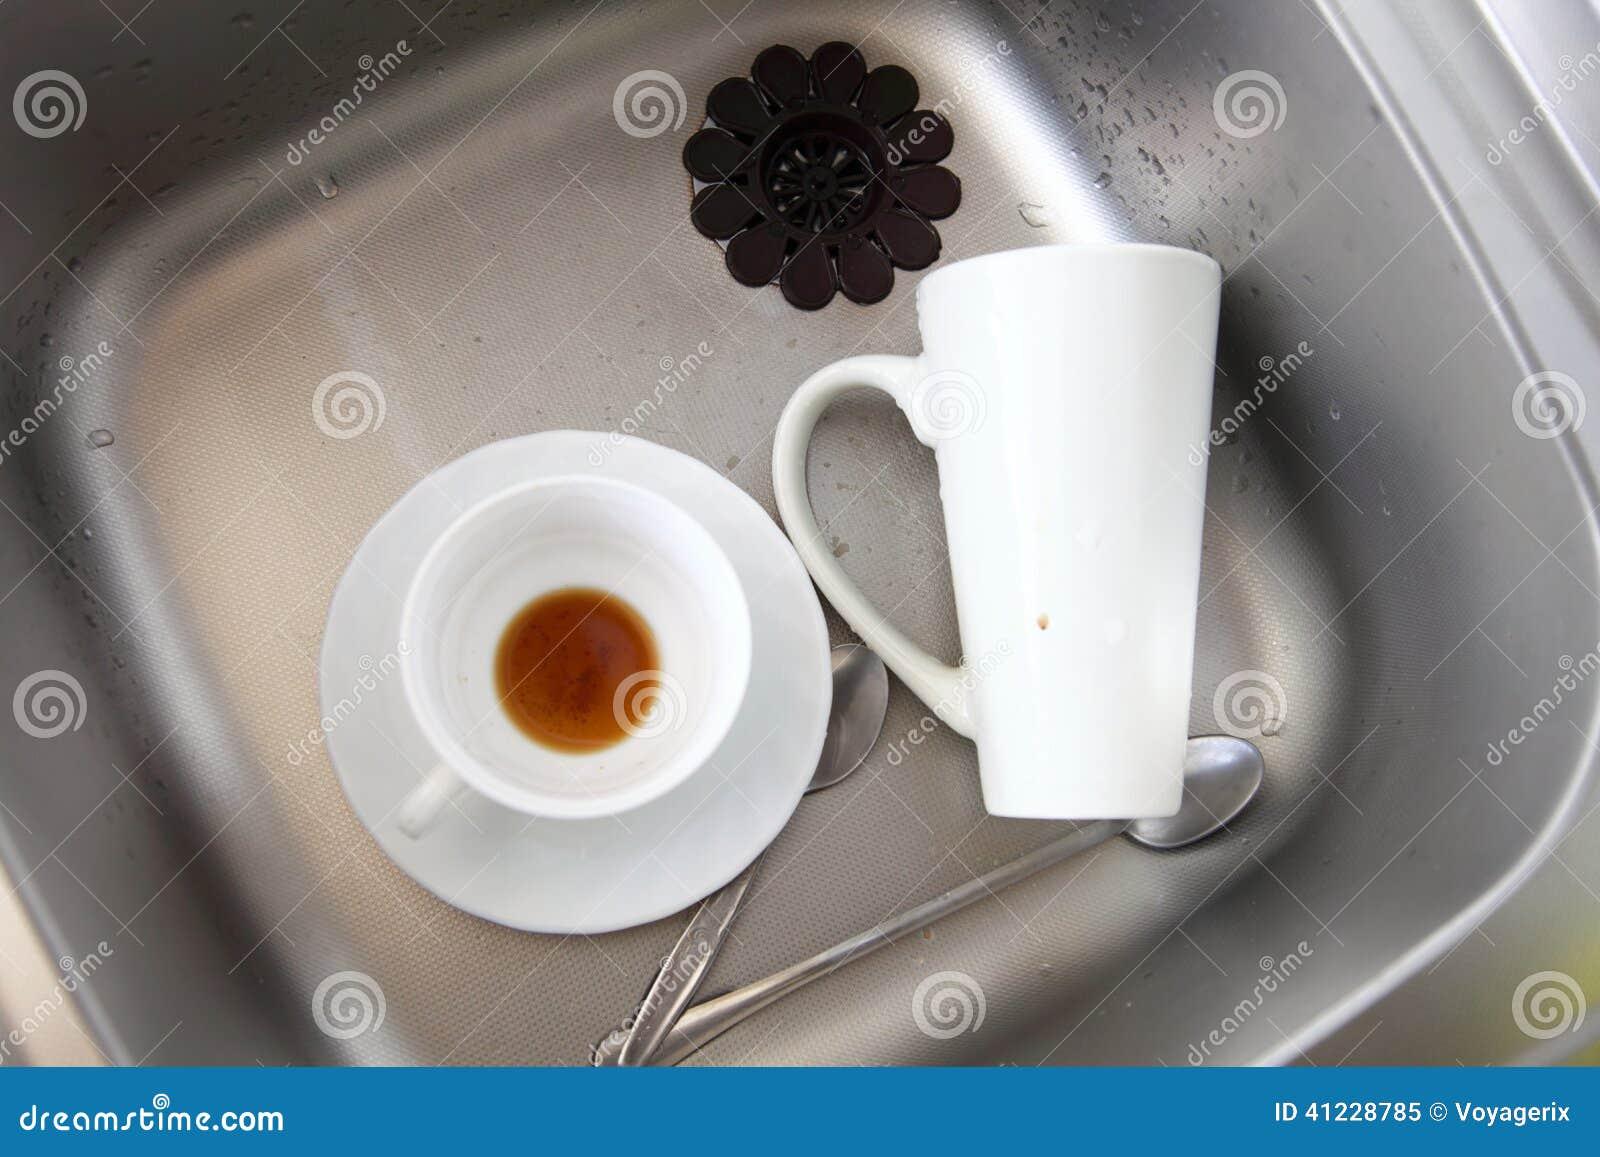 洗碗盘行为 在厨房水槽的白色盘